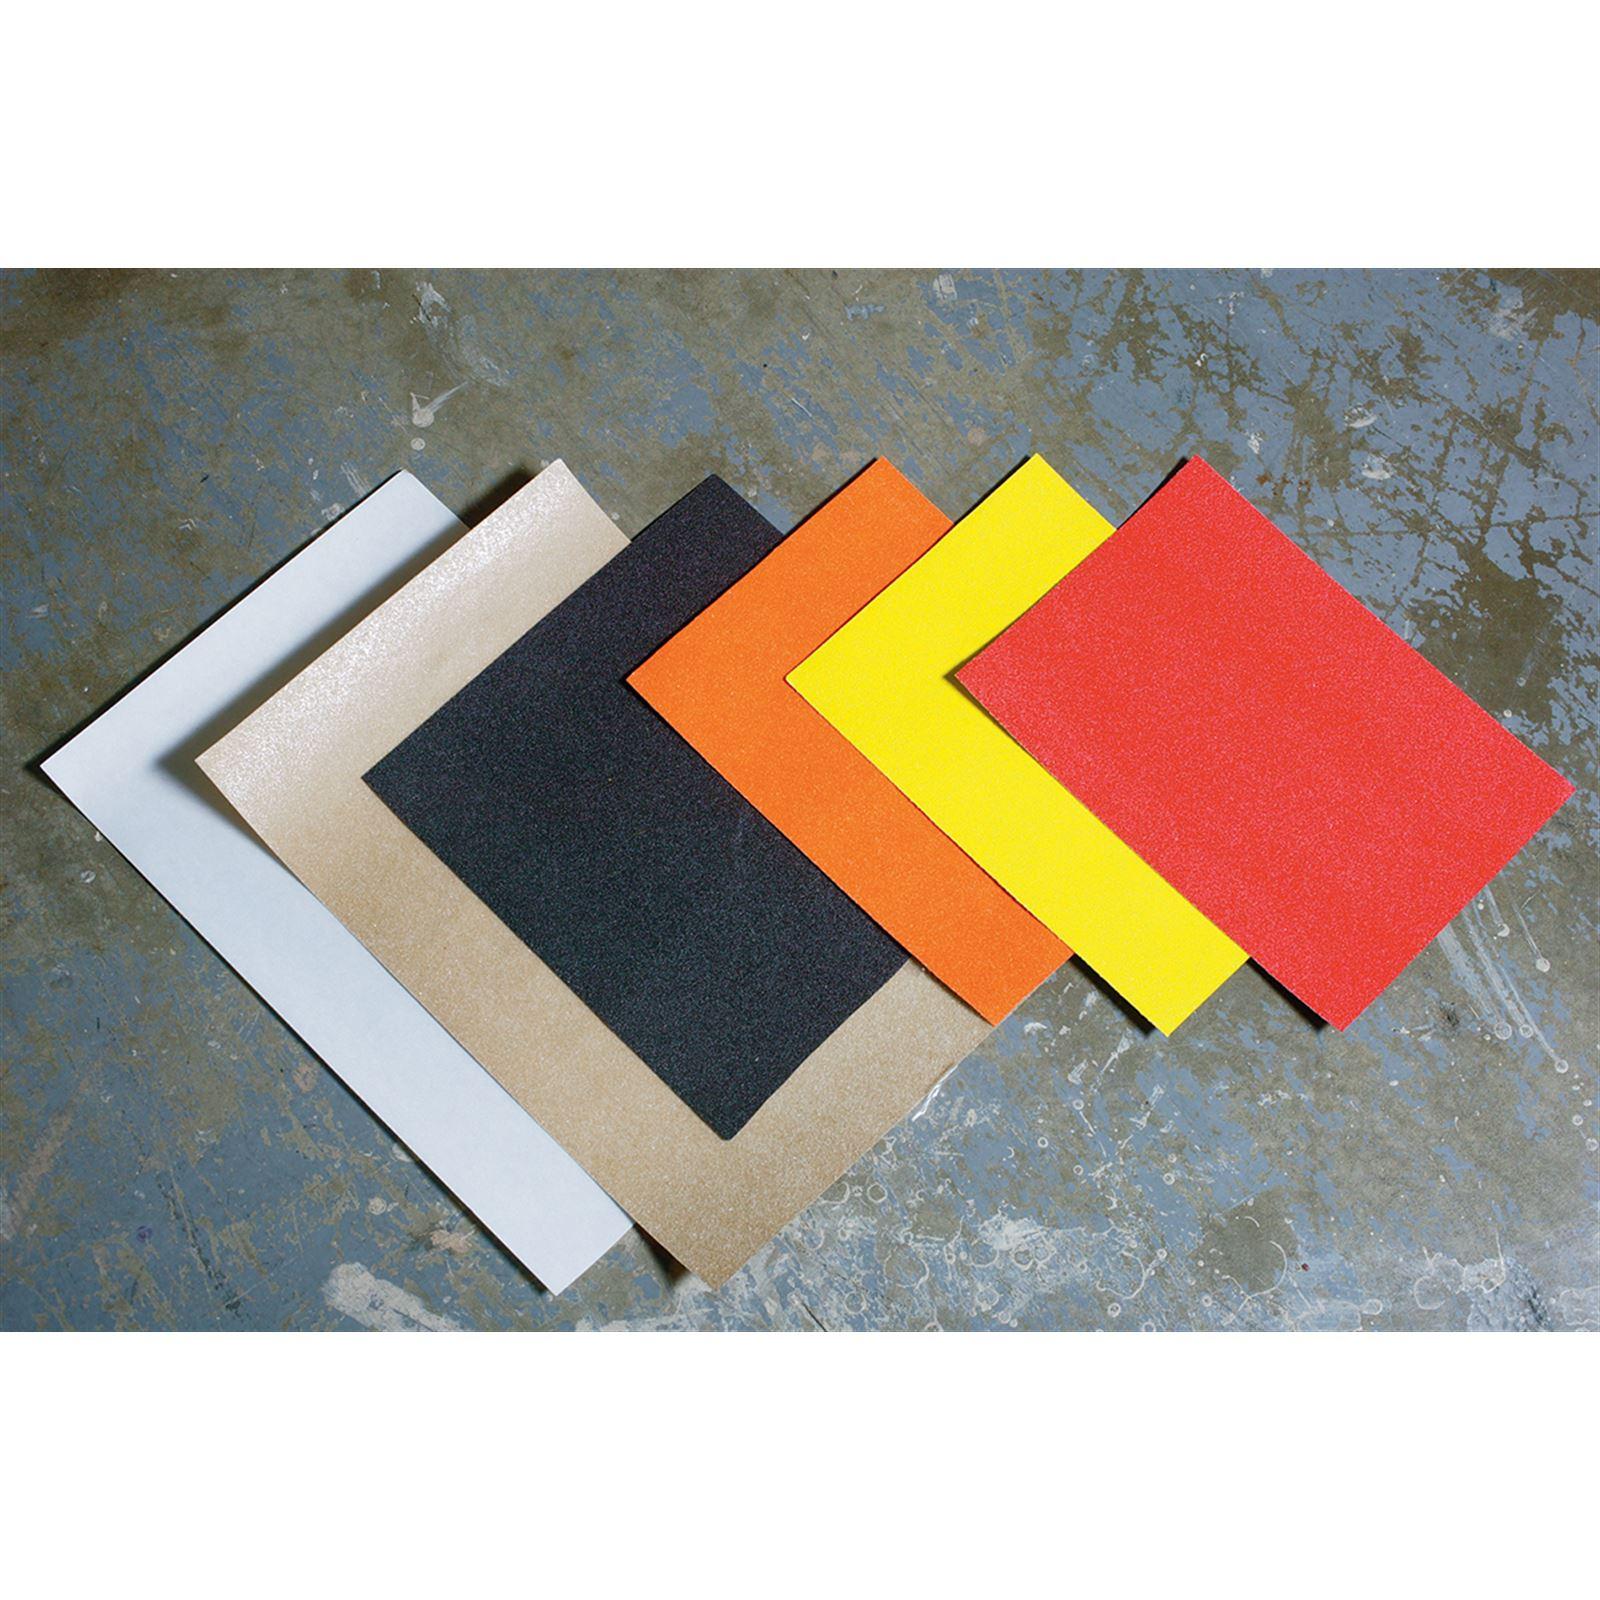 Factory Effex Grip Tape Sheet - Red - High